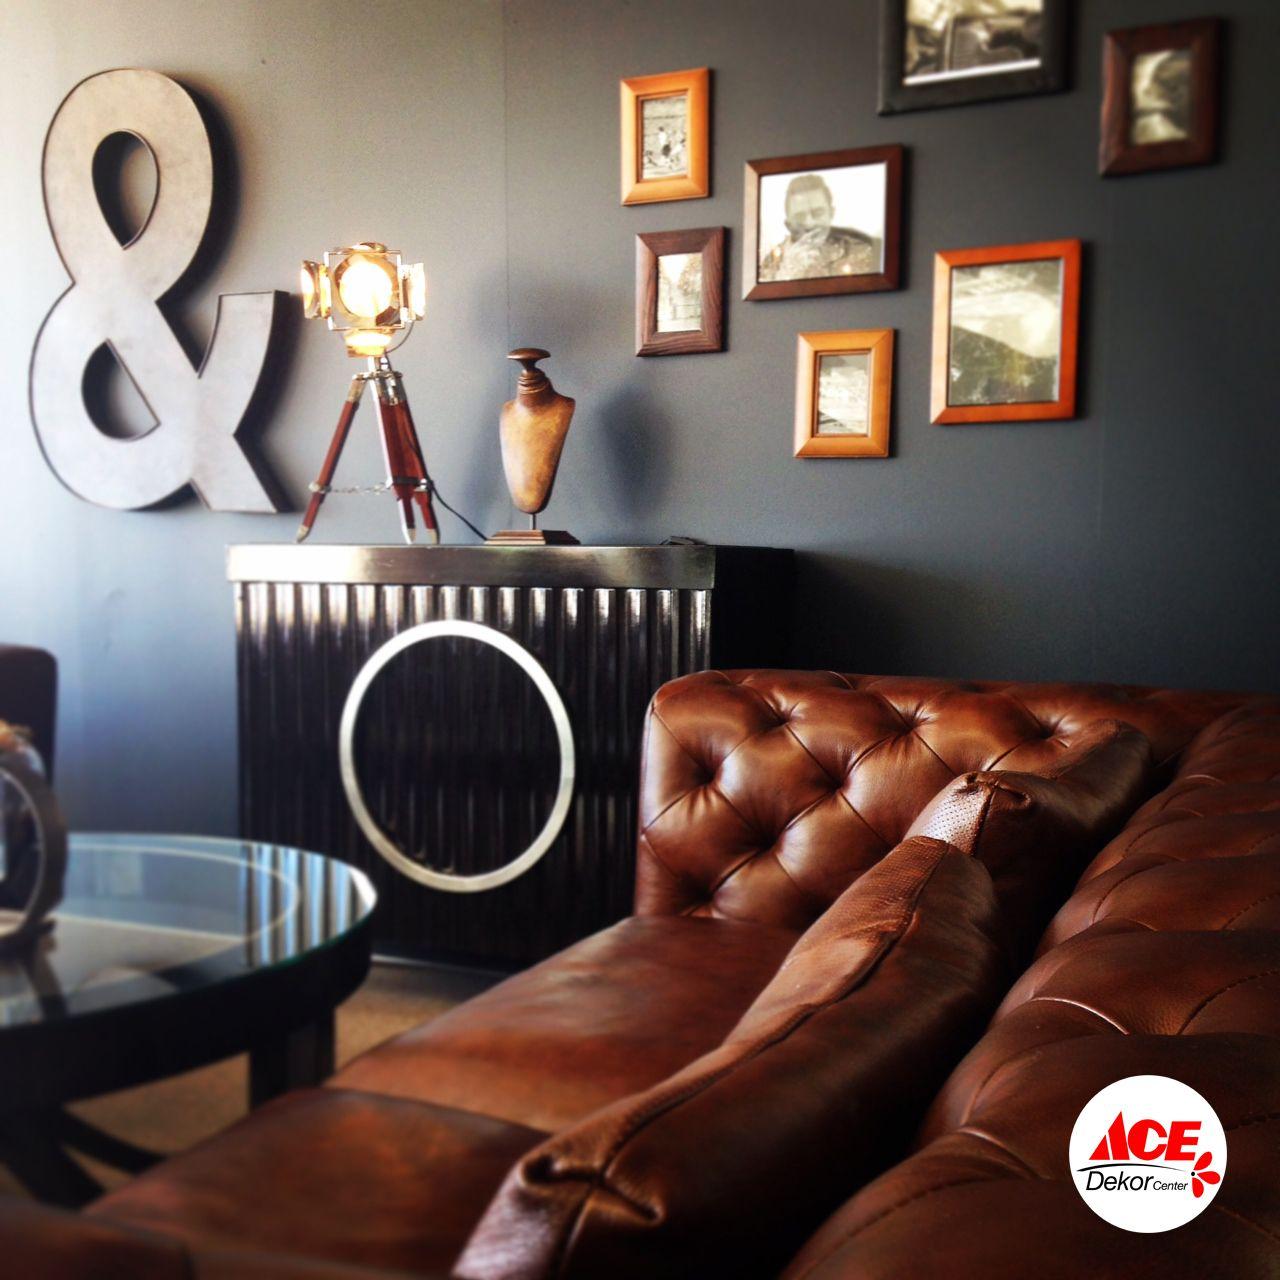 Excelente Ambiente Ubicado En Nuestra Sucursal Fashion Mall  # Saja Muebles Chihuahua